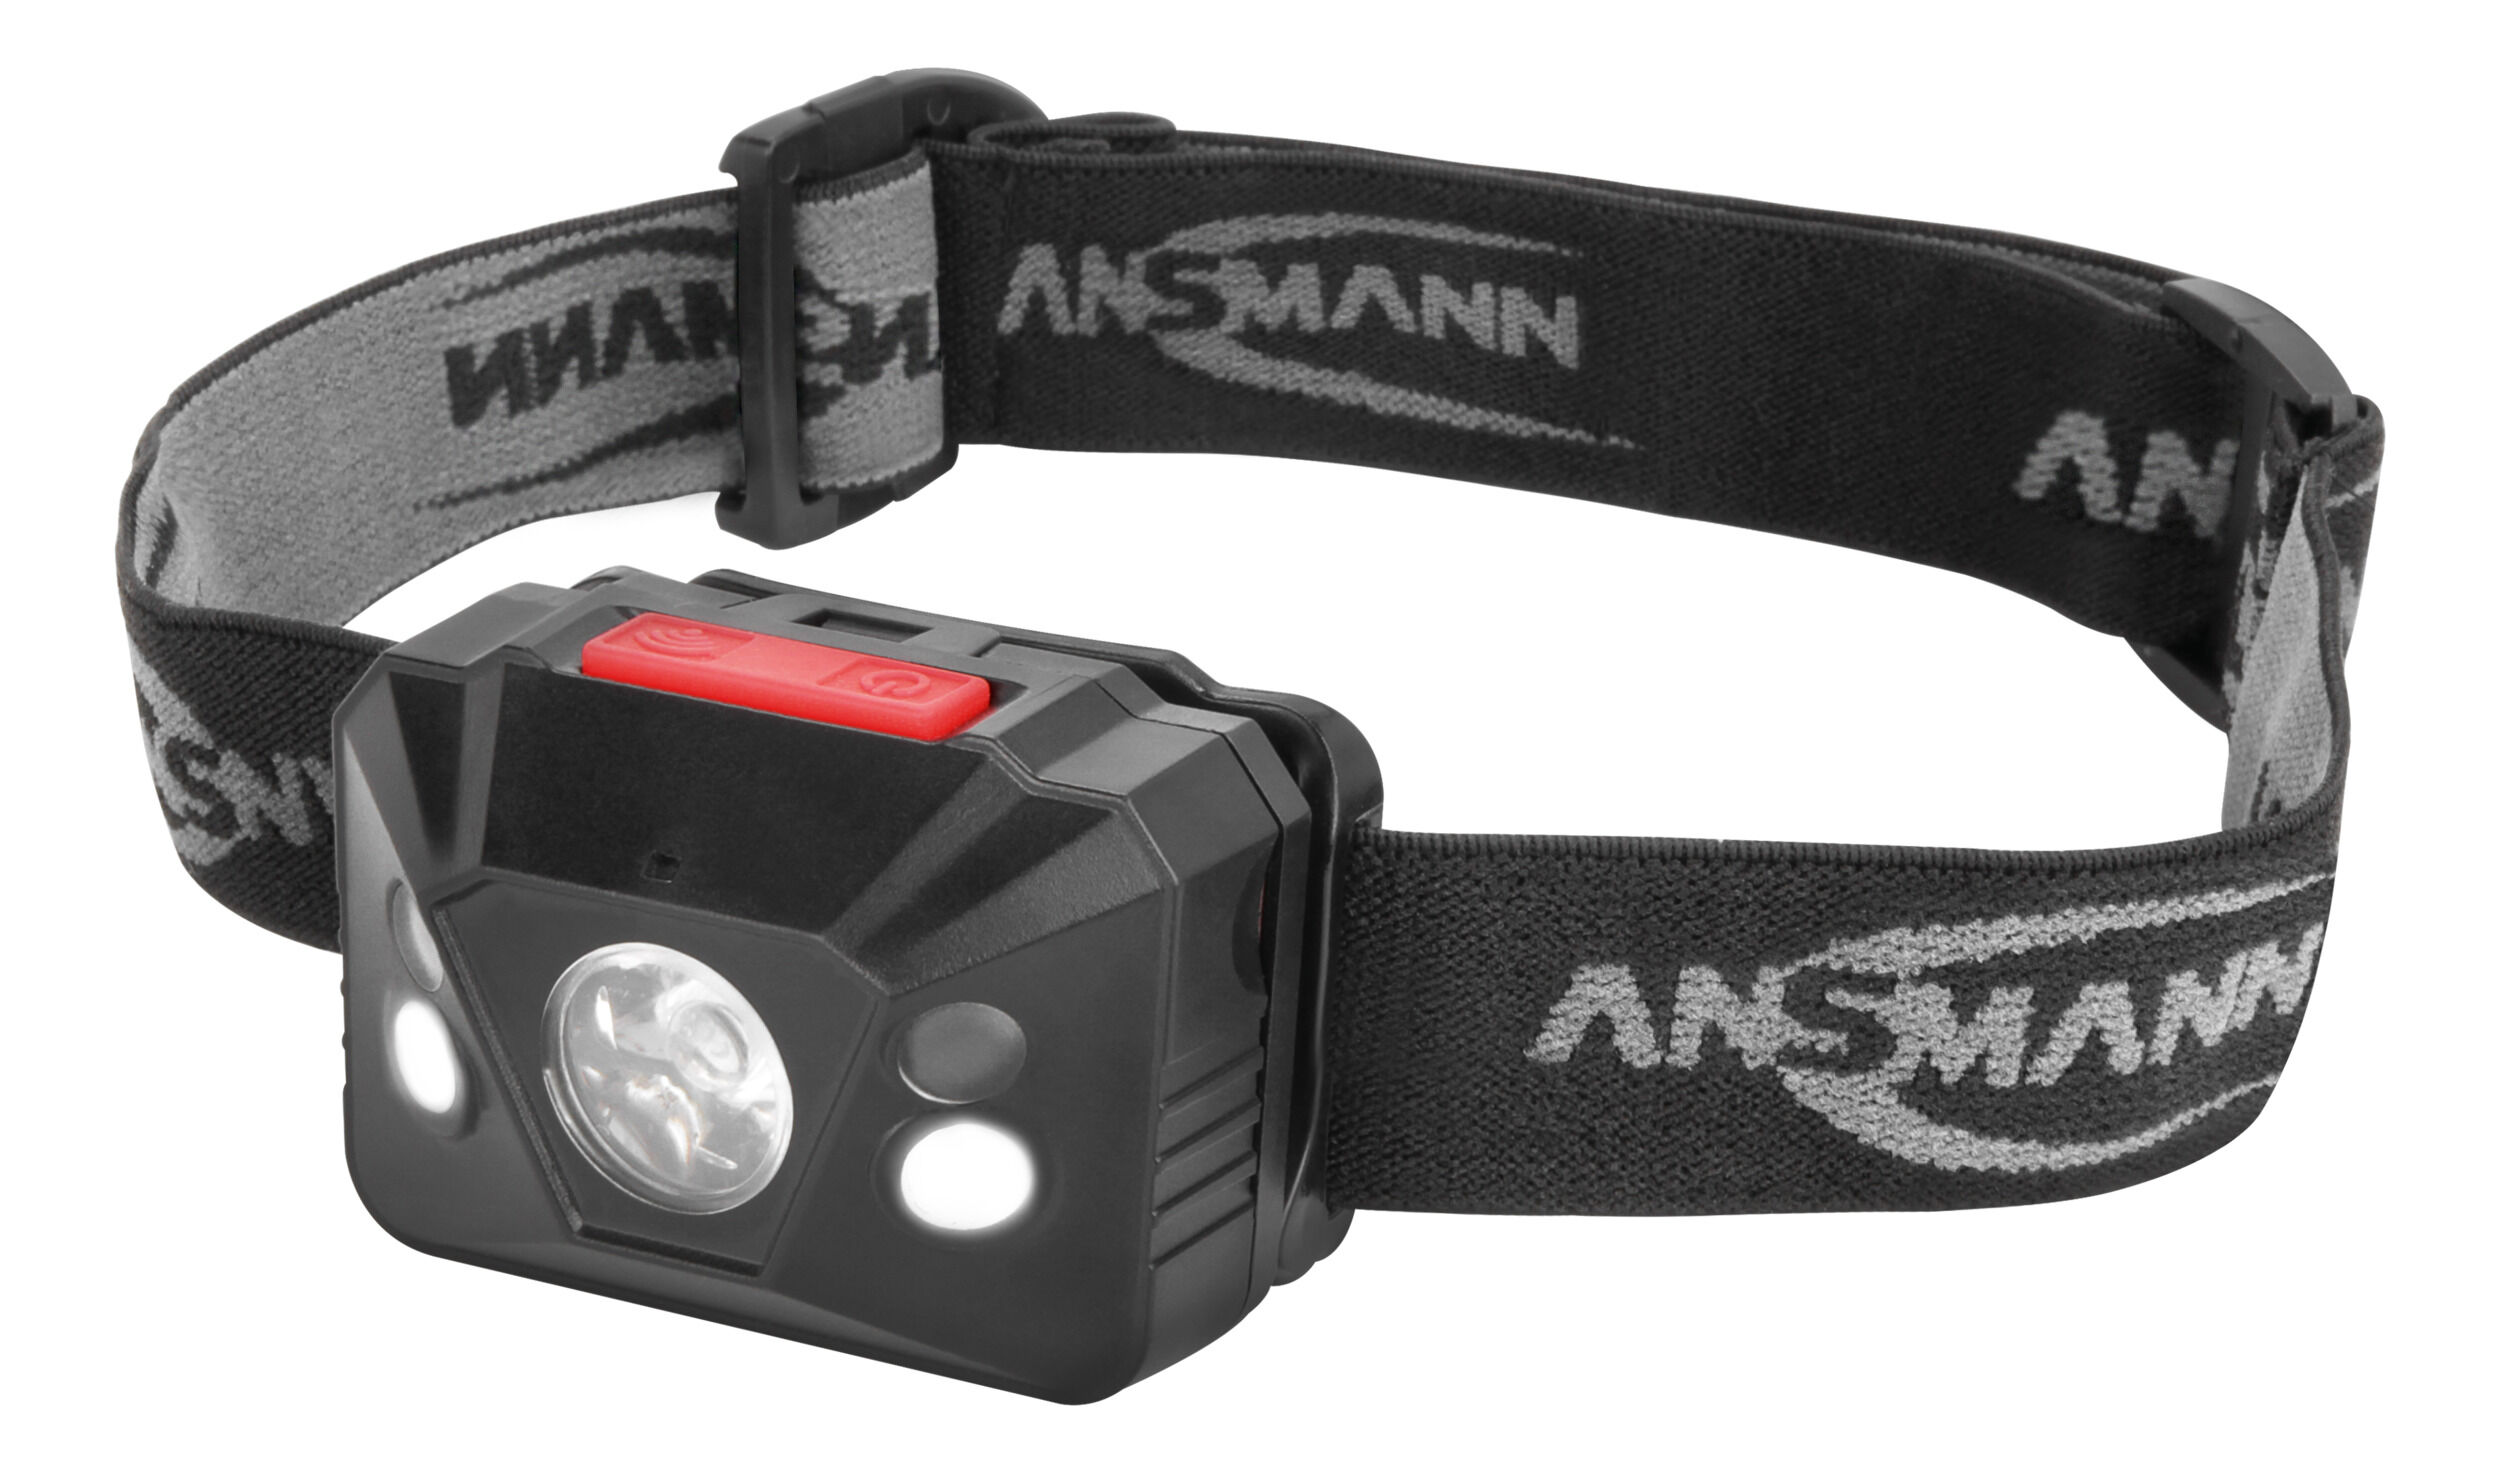 ANSMANN LED Stirnlampe – Gestensteuerung On/Off, LED für Fern und Nahbereich